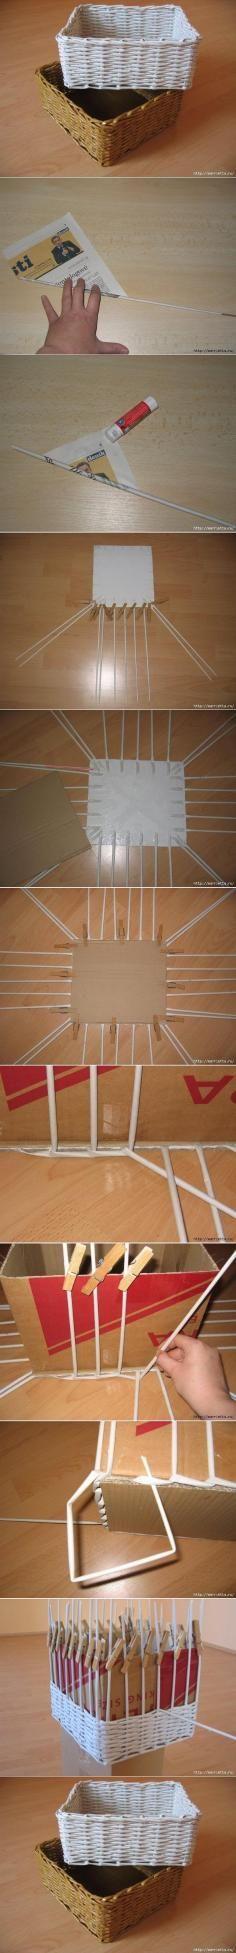 DIY Tutorial DIY Weaving / DIY Simple Newspaper Weave Basket - Bead&Cord